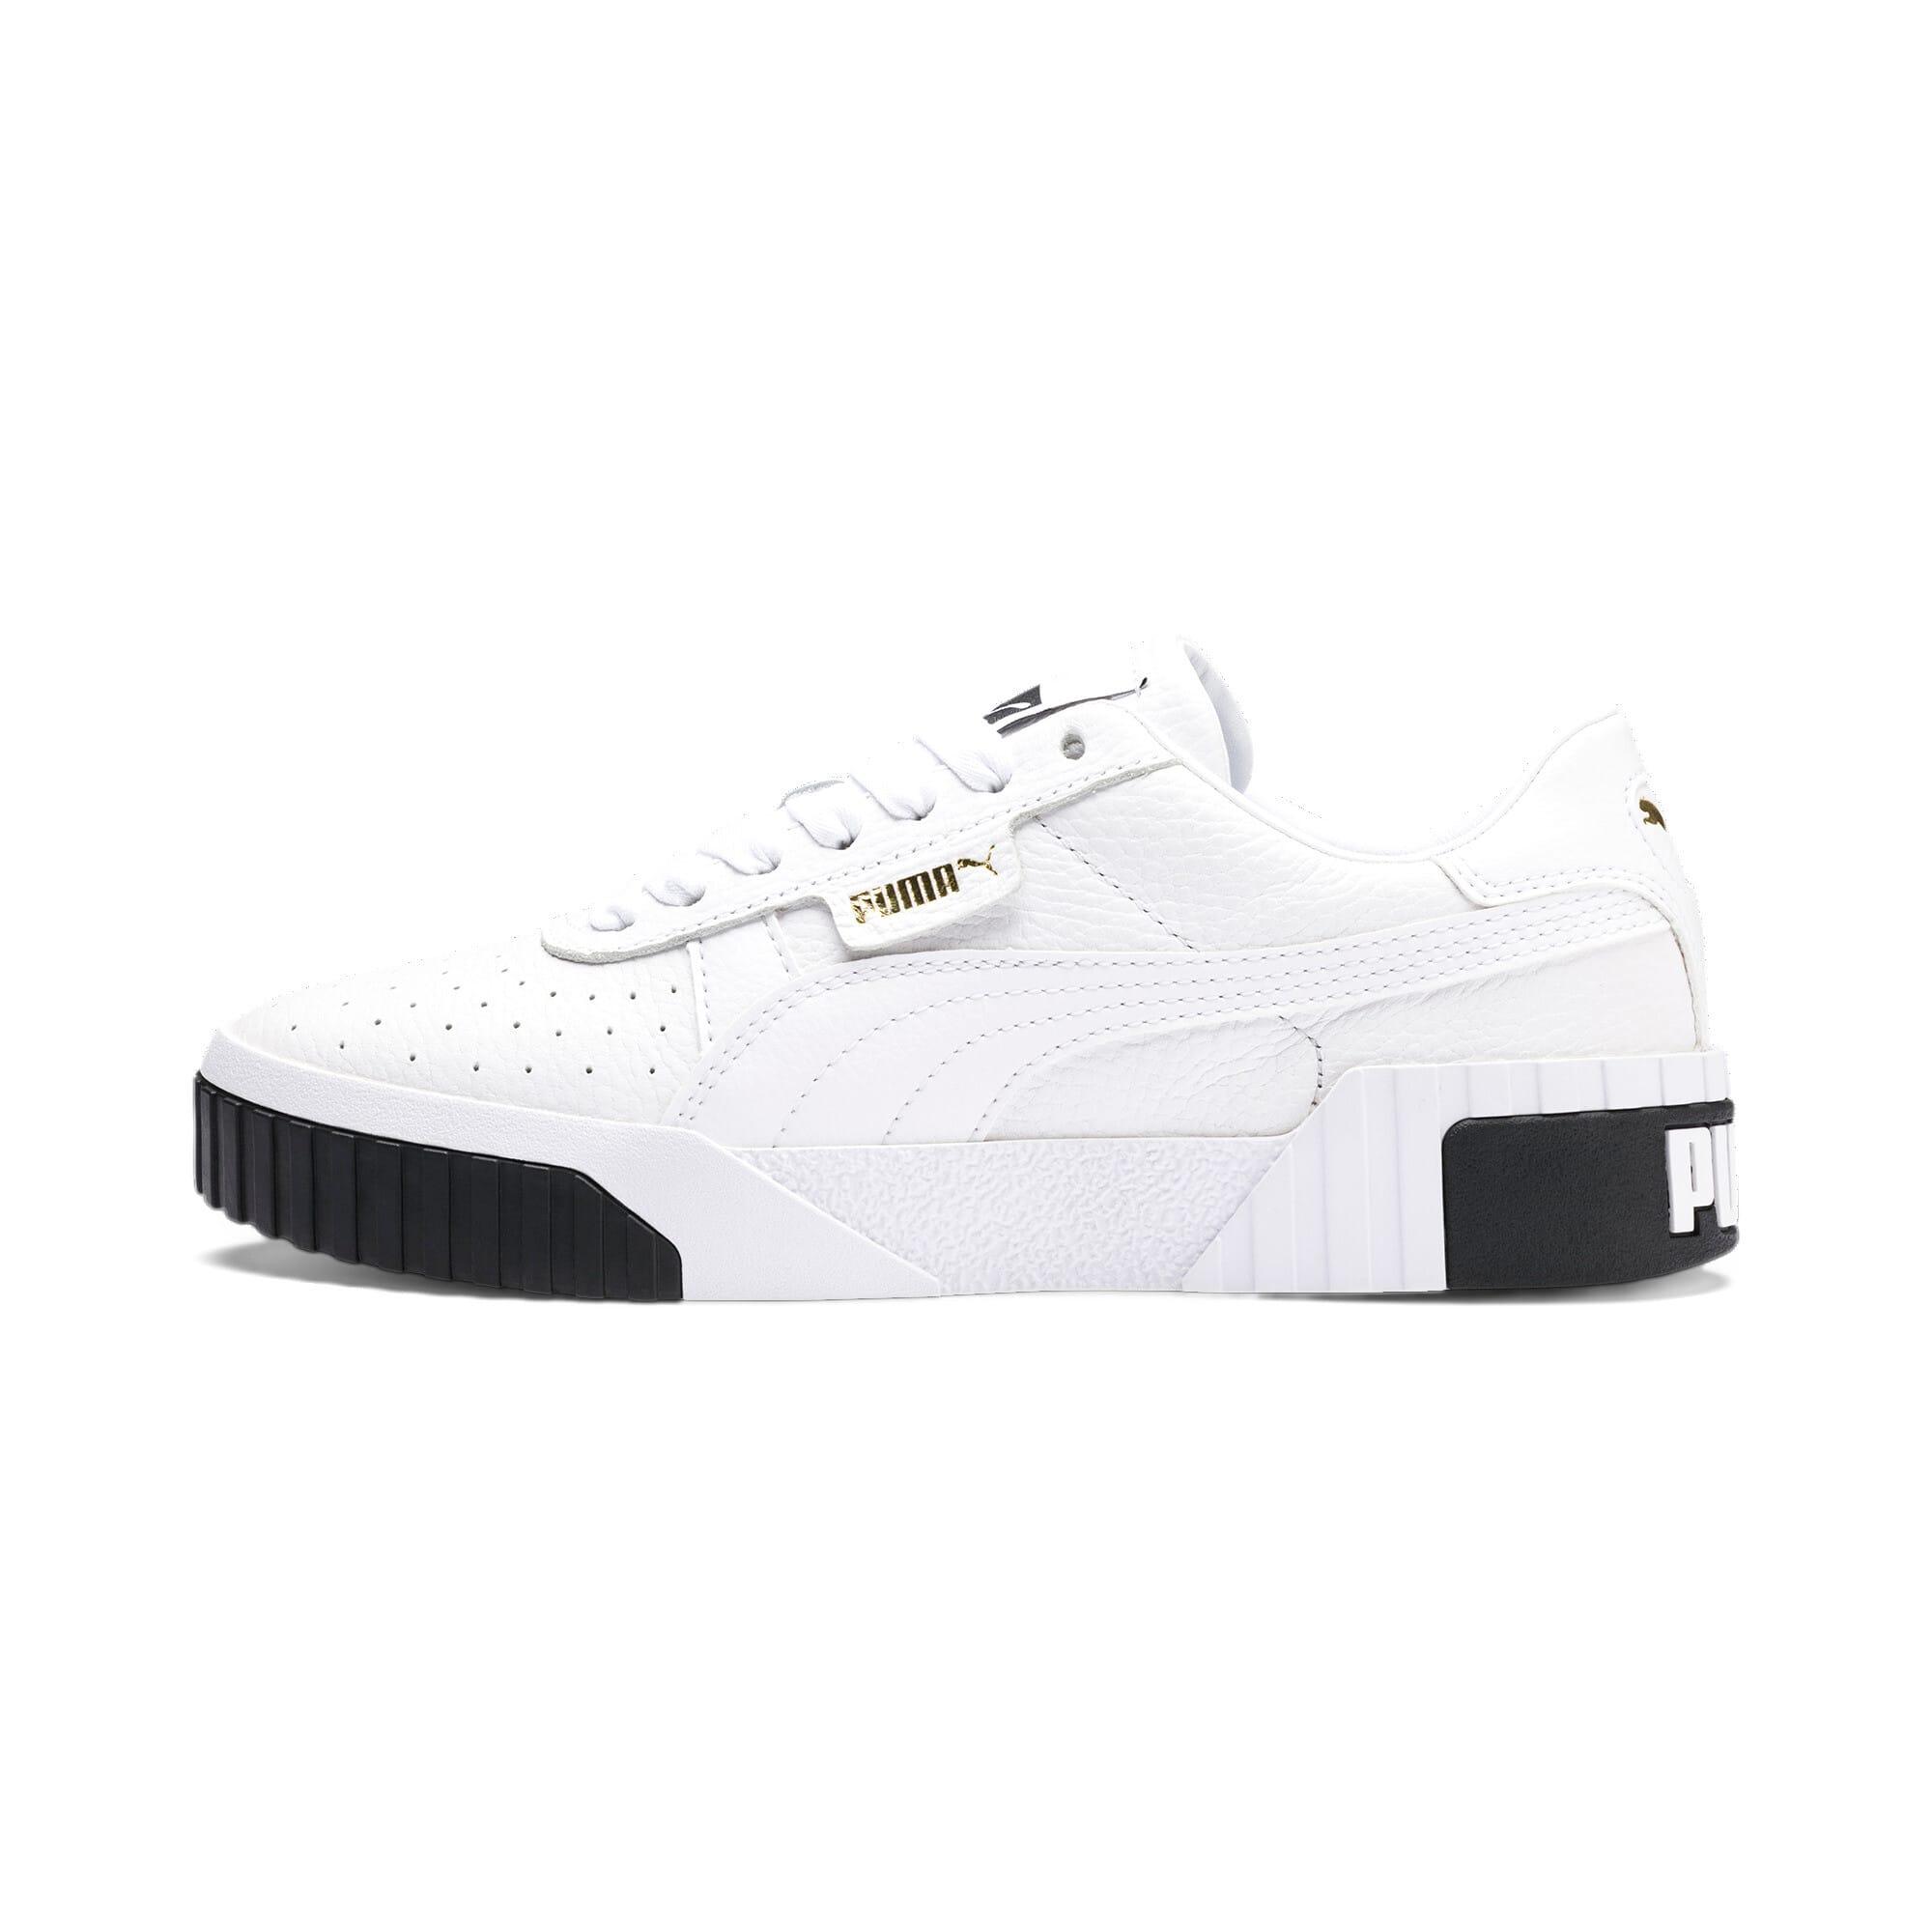 Miniatura 1 de Zapatos deportivos Cali para mujer, Puma White-Puma Black, mediano